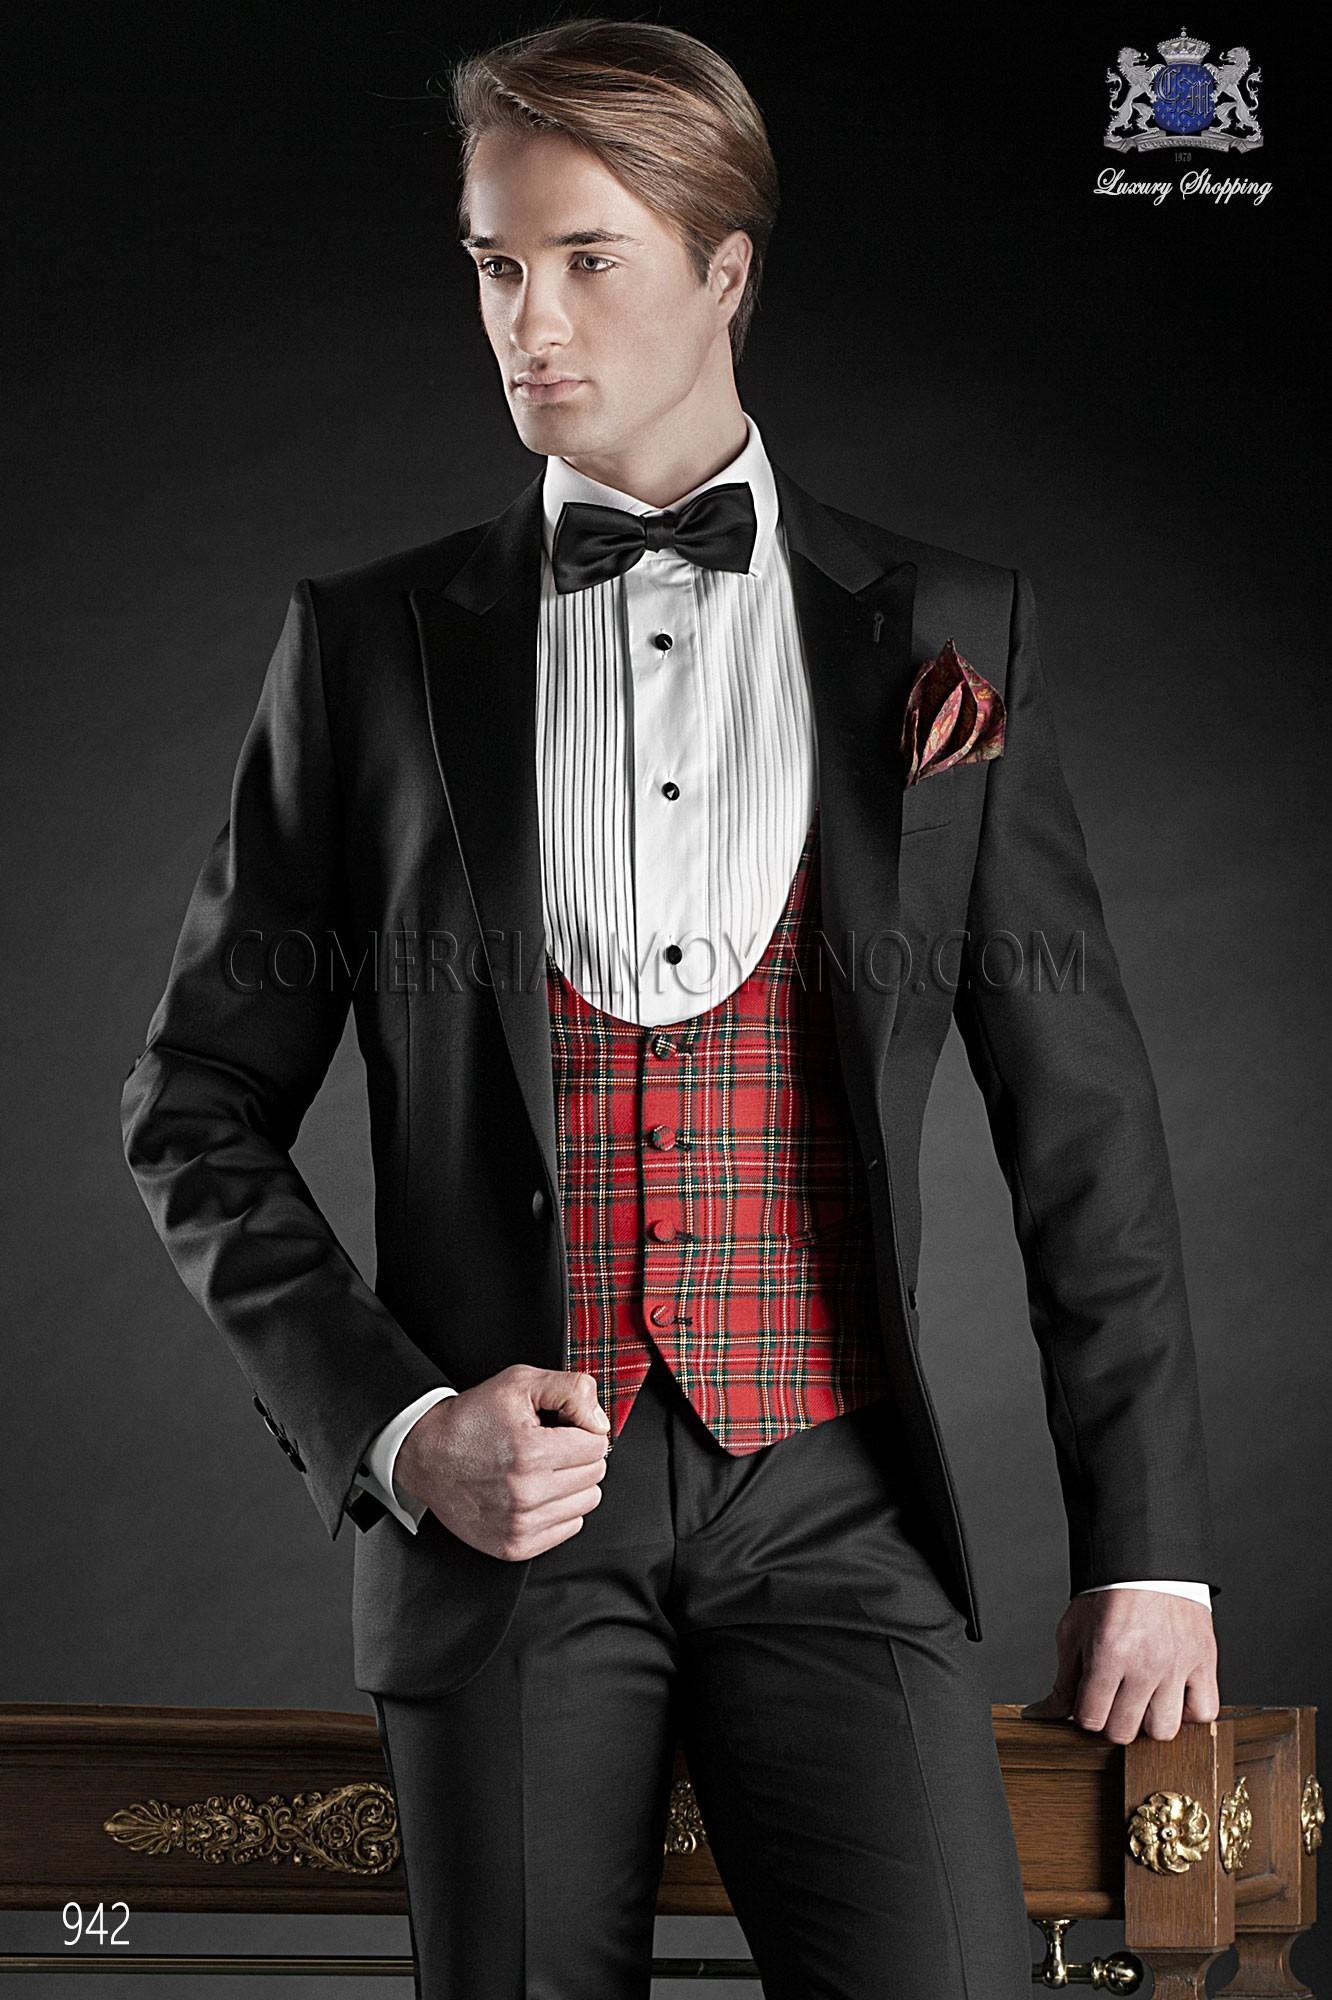 Traje de fiesta hombre negro modelo: 942 Ottavio Nuccio Gala colección Black Tie